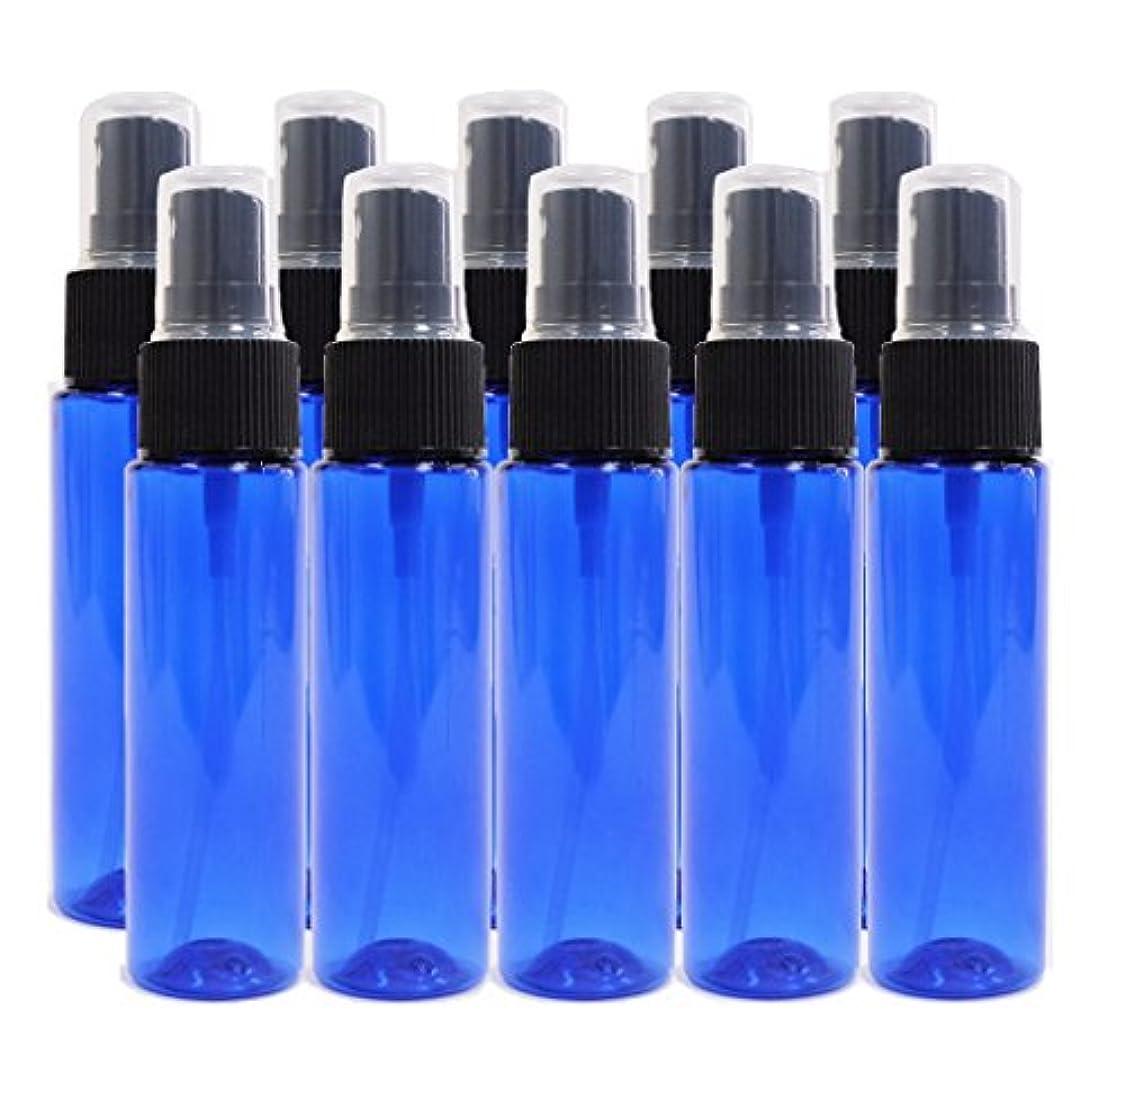 にんじん稼ぐブースease 保存容器 スプレータイプ プラスチック 青色 30ml×10本